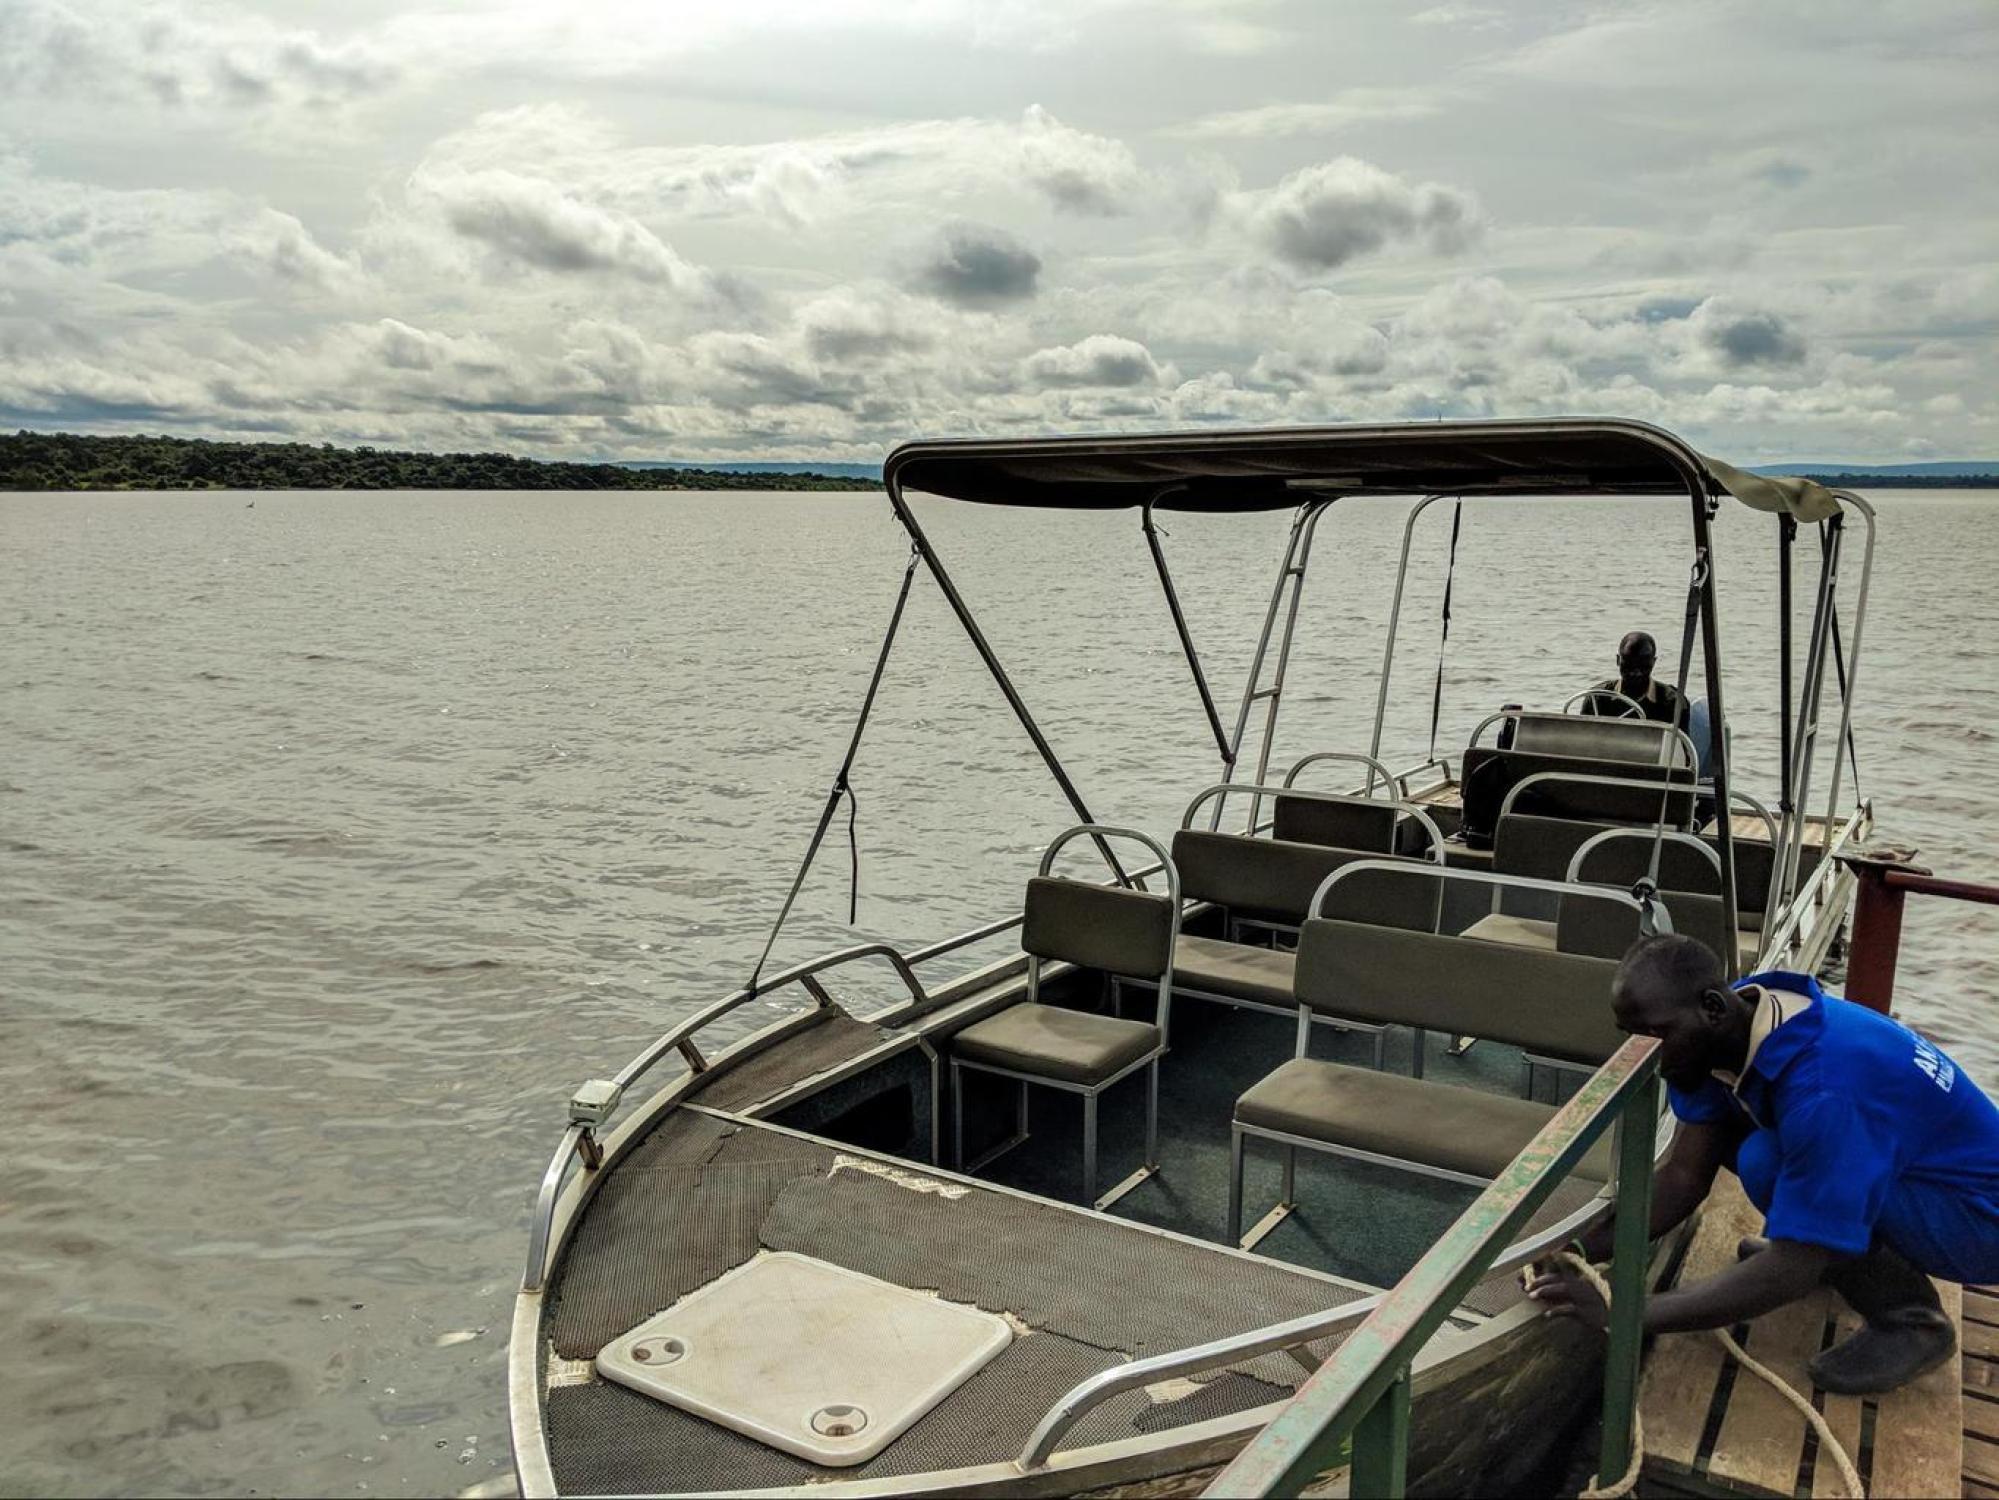 Boat cruise at Akagera National Park